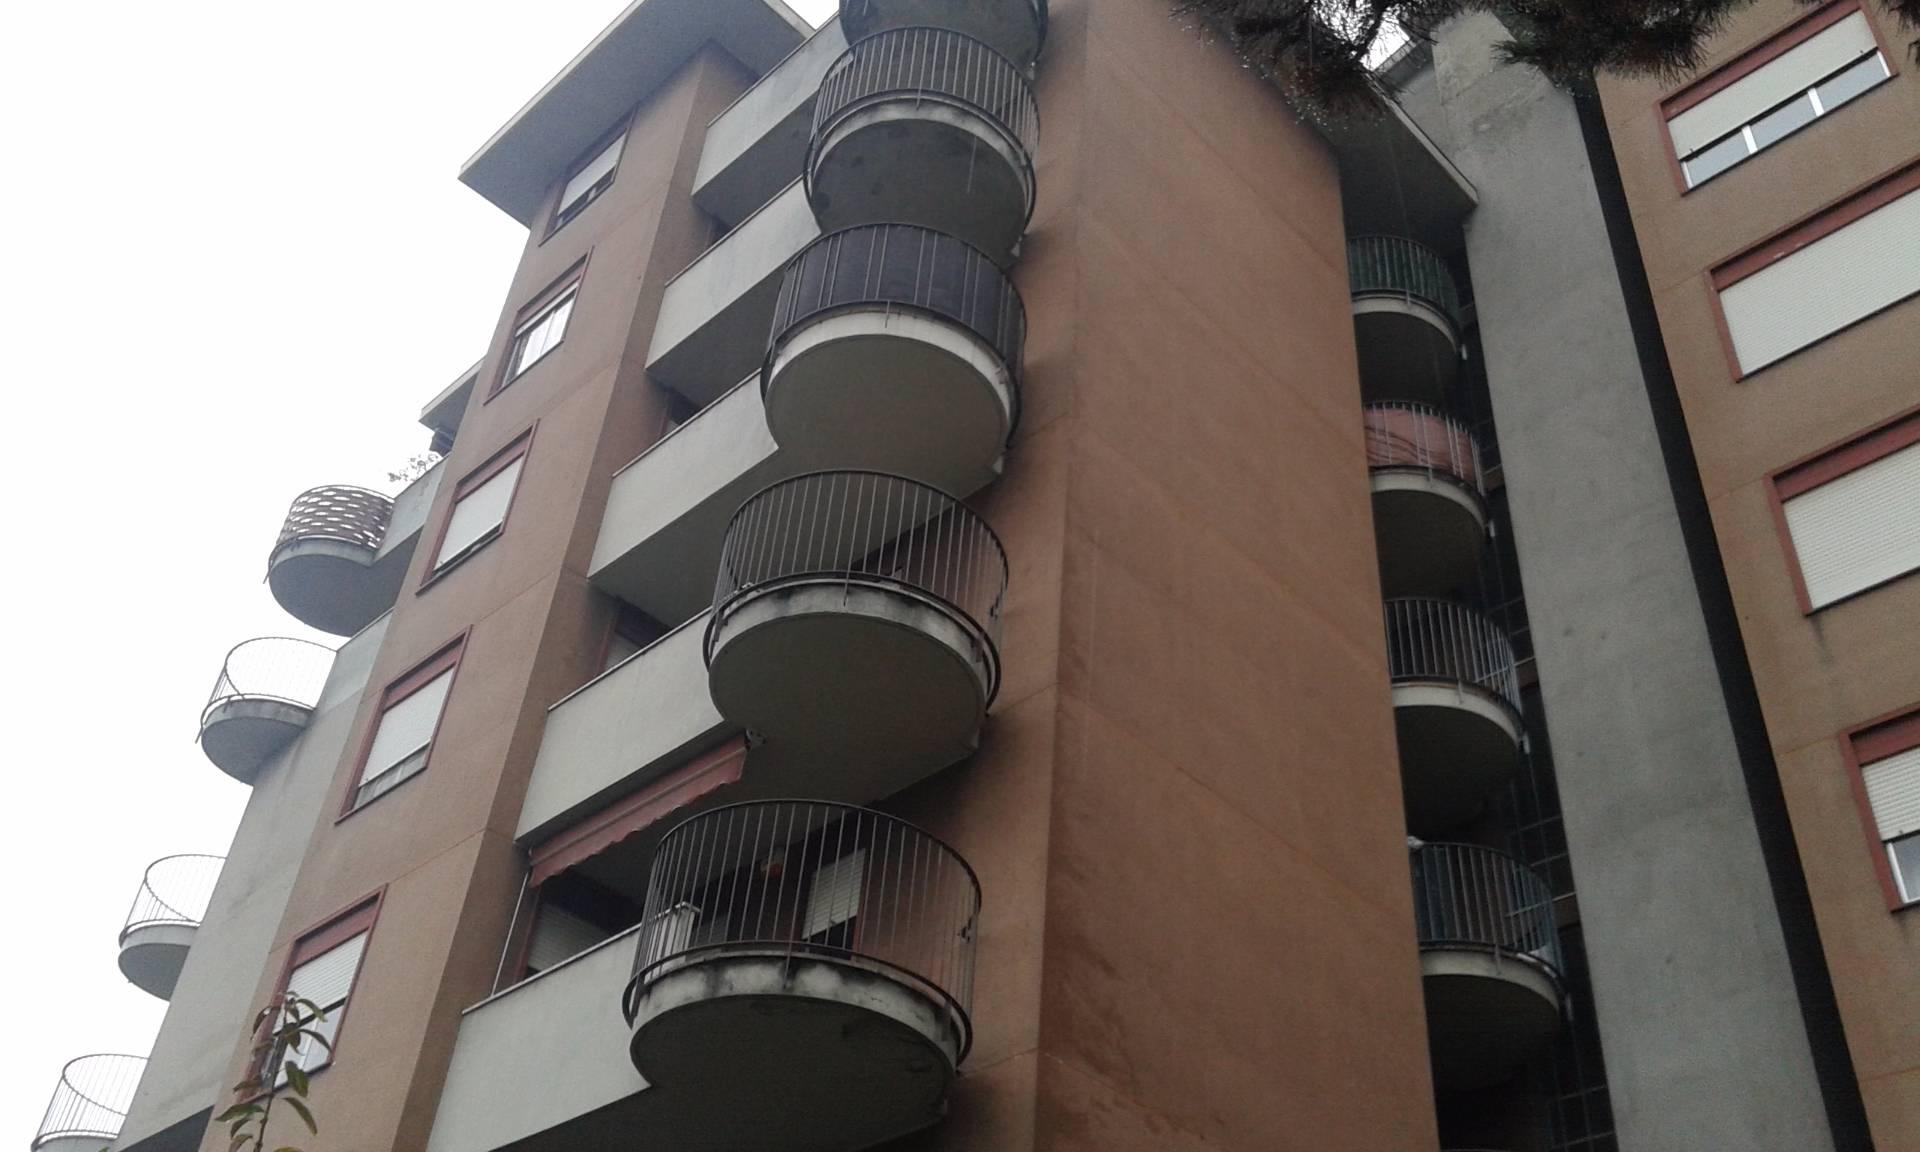 Appartamento in affitto a Busto Arsizio, 3 locali, zona Località: CinquePonti, prezzo € 500 | CambioCasa.it